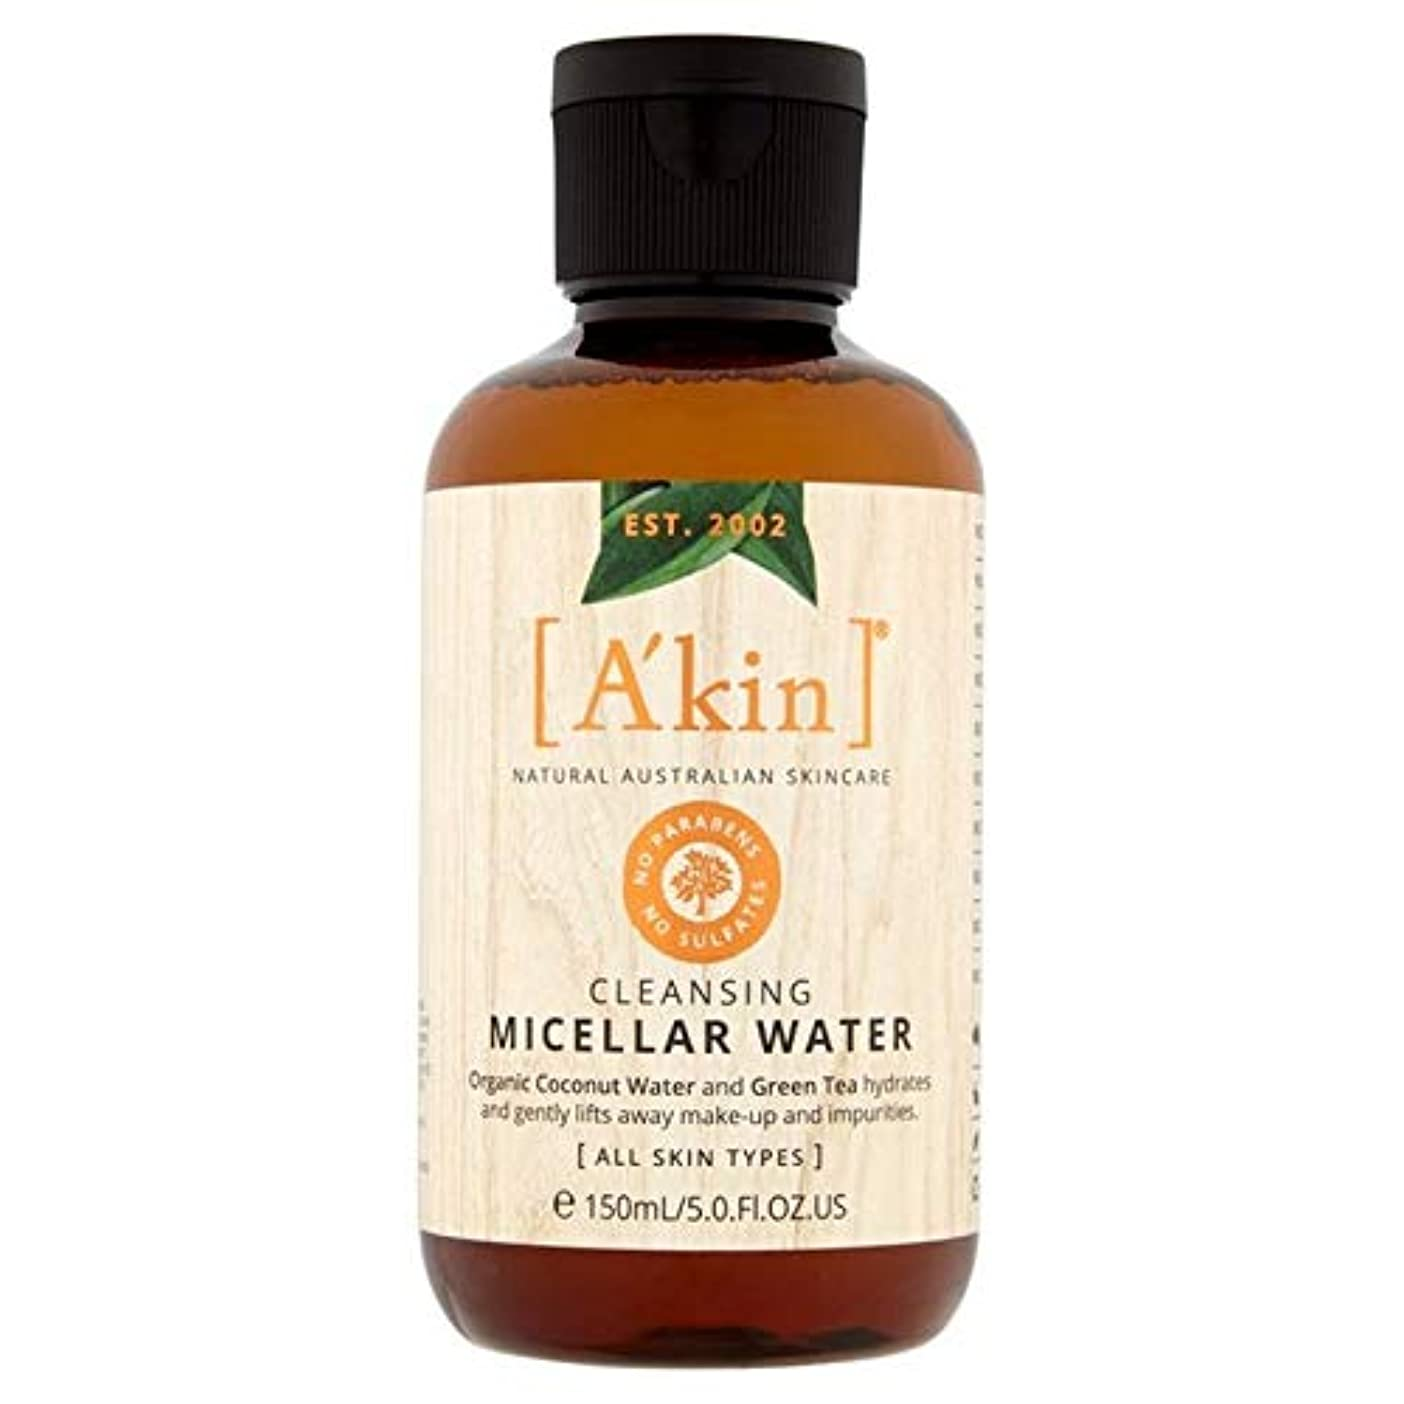 表向き重大やがて[A'kin] ミセルの水150ミリリットルクレンジングA'Kin - A'kin Cleansing Micellar Water 150ml [並行輸入品]